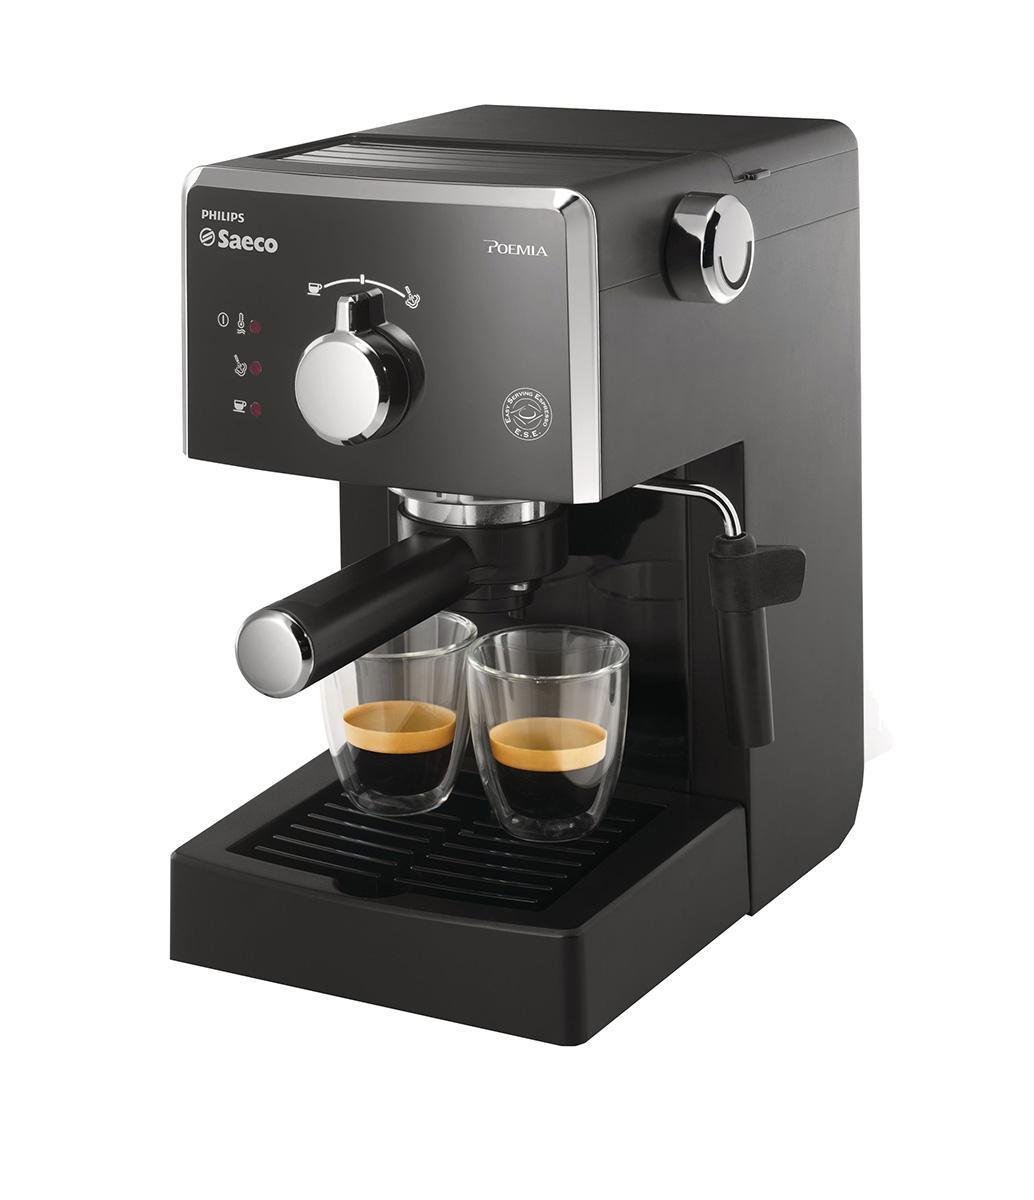 Philips Saeco HD8323/39 рожковая кофеваркаHD8323/39Philips Saeco HD8323/39 Рожковая эспрессо-кофемашина гарантирует любителям традиционного приготовления кофе идеальный эспрессо каждый день. Запатентованный напорный фильтр Crema каждый раз гарантирует великолепную стойкую пенку. Держатель напорного фильтра Crema Держатель напорного фильтра Crema Специальный фильтр Crema гарантирует великолепную стойкую кофейную пену, какой бы сорт кофе вы ни выбрали. Подходит для молотого кофе и системы Easy Serving Espresso (ESE) Вы можете использовать молотый кофе или выбрать систему Easy Serving Espresso (E.S.E.) для приготовления кофе в чалдах Давление помпы 15 бар Высокое давление позволяет раскрыть весь аромат молотого кофе Долговечные качественные материалы Рожковая эспрессо-кофемашина создана из высококачественных и прочных материалов. Подставка для чашек Благодаря этой удобной функции вы...